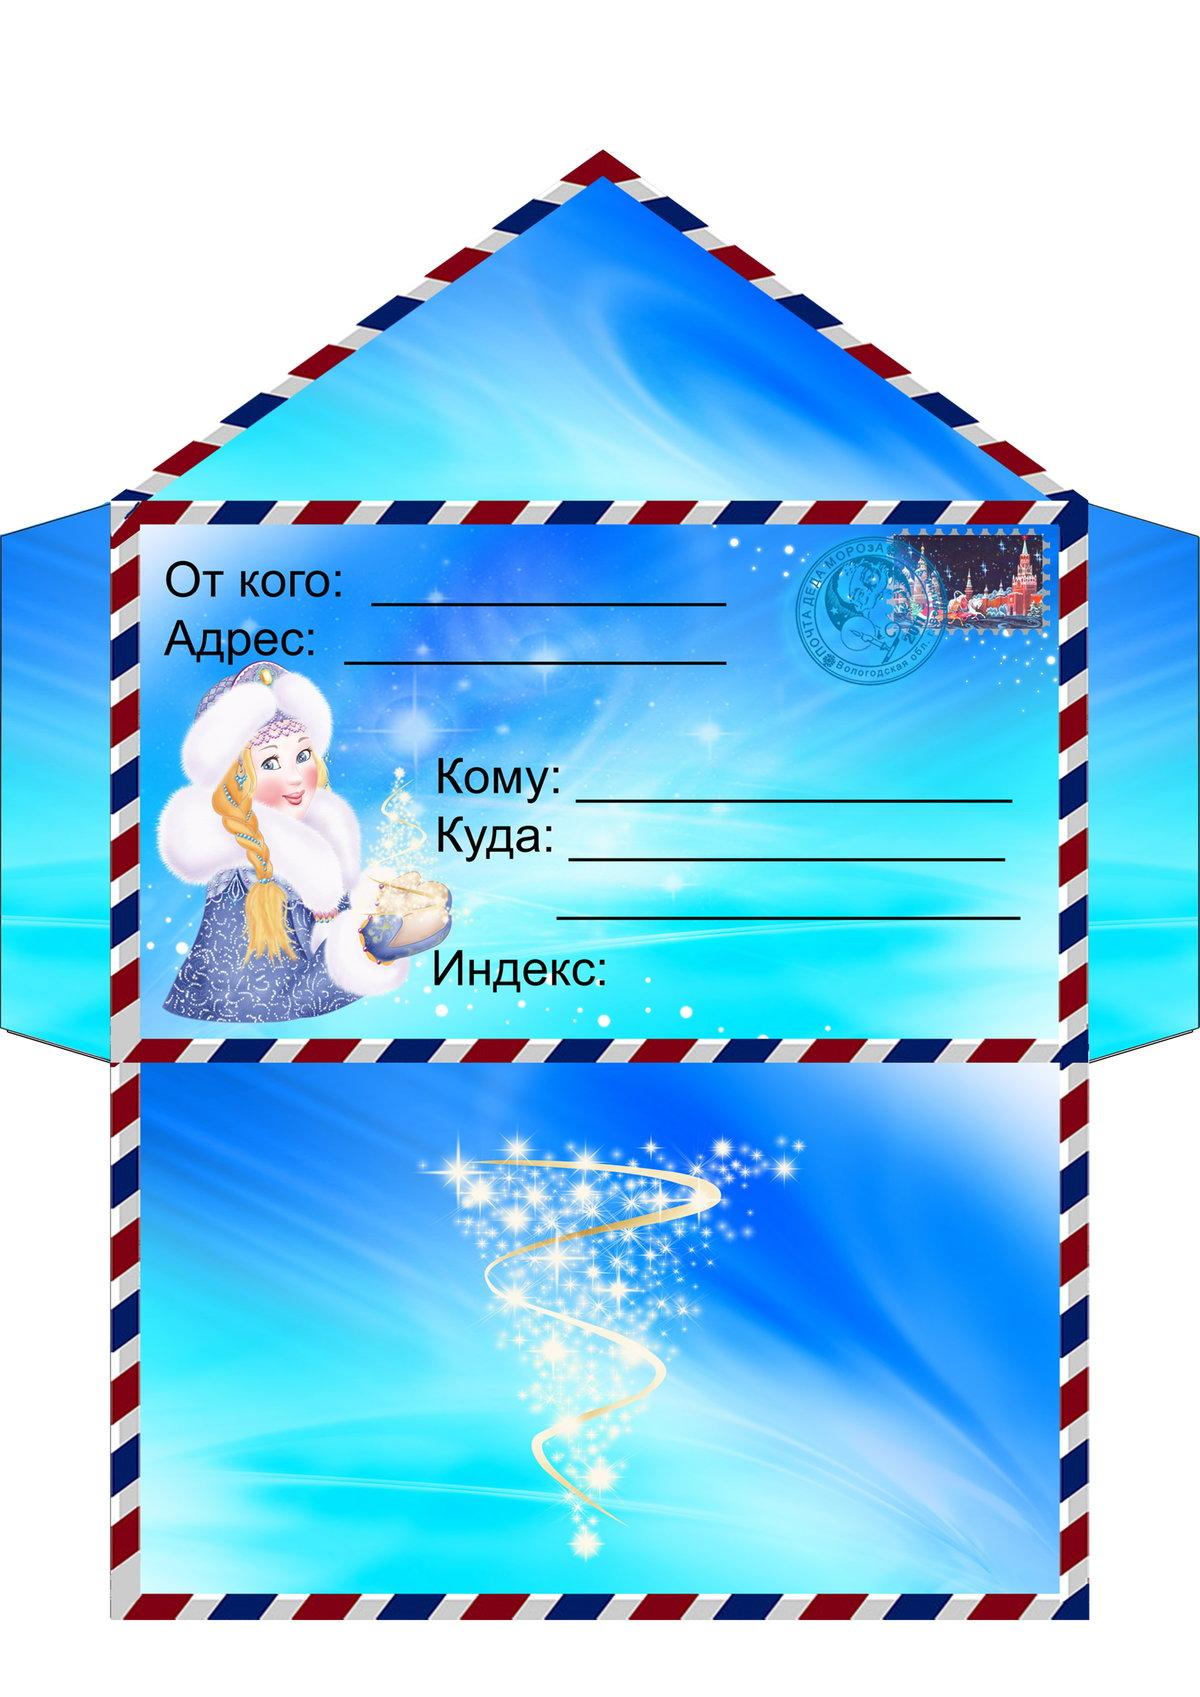 вам конверт новогодний картинки по-прежнему нравится своим